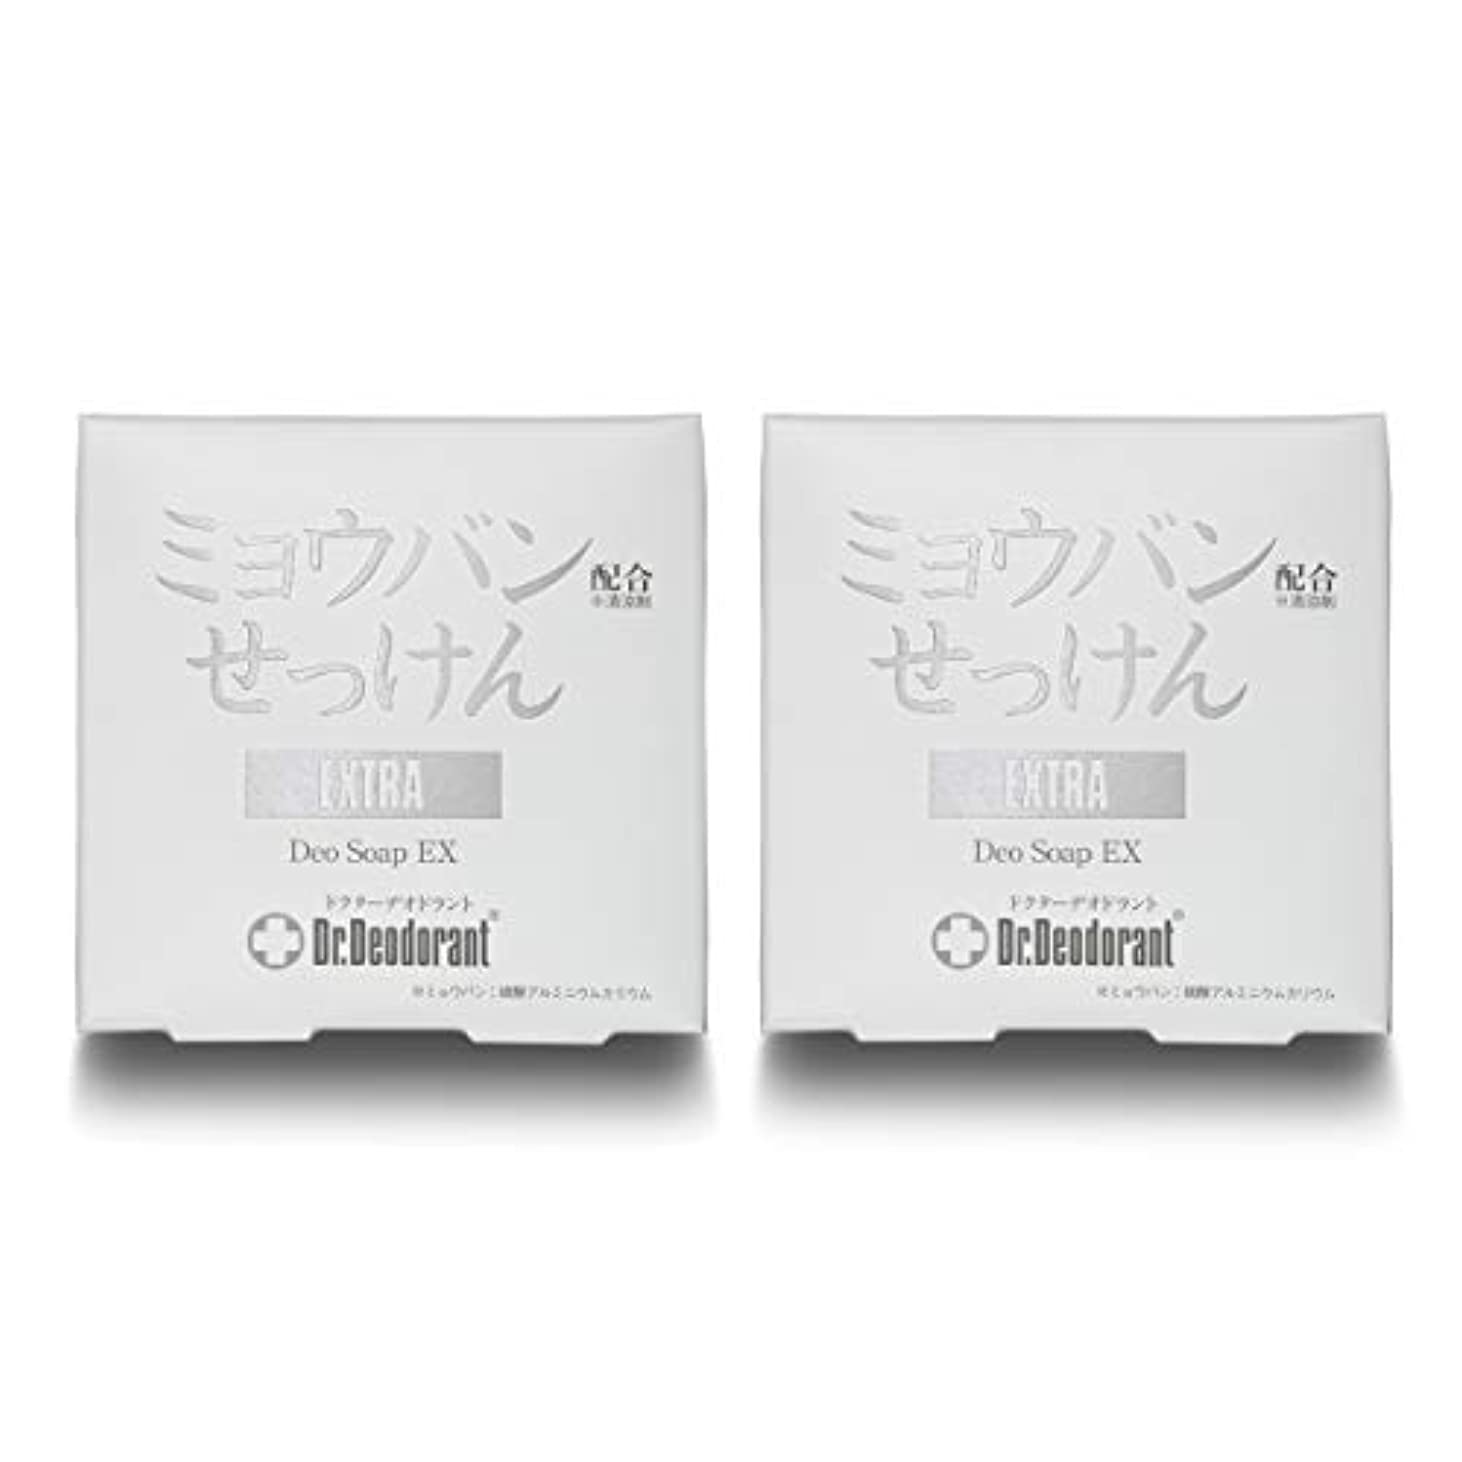 複合タヒチキリストドクターデオドラント 薬用ミョウバンせっけんEX (2個セット)